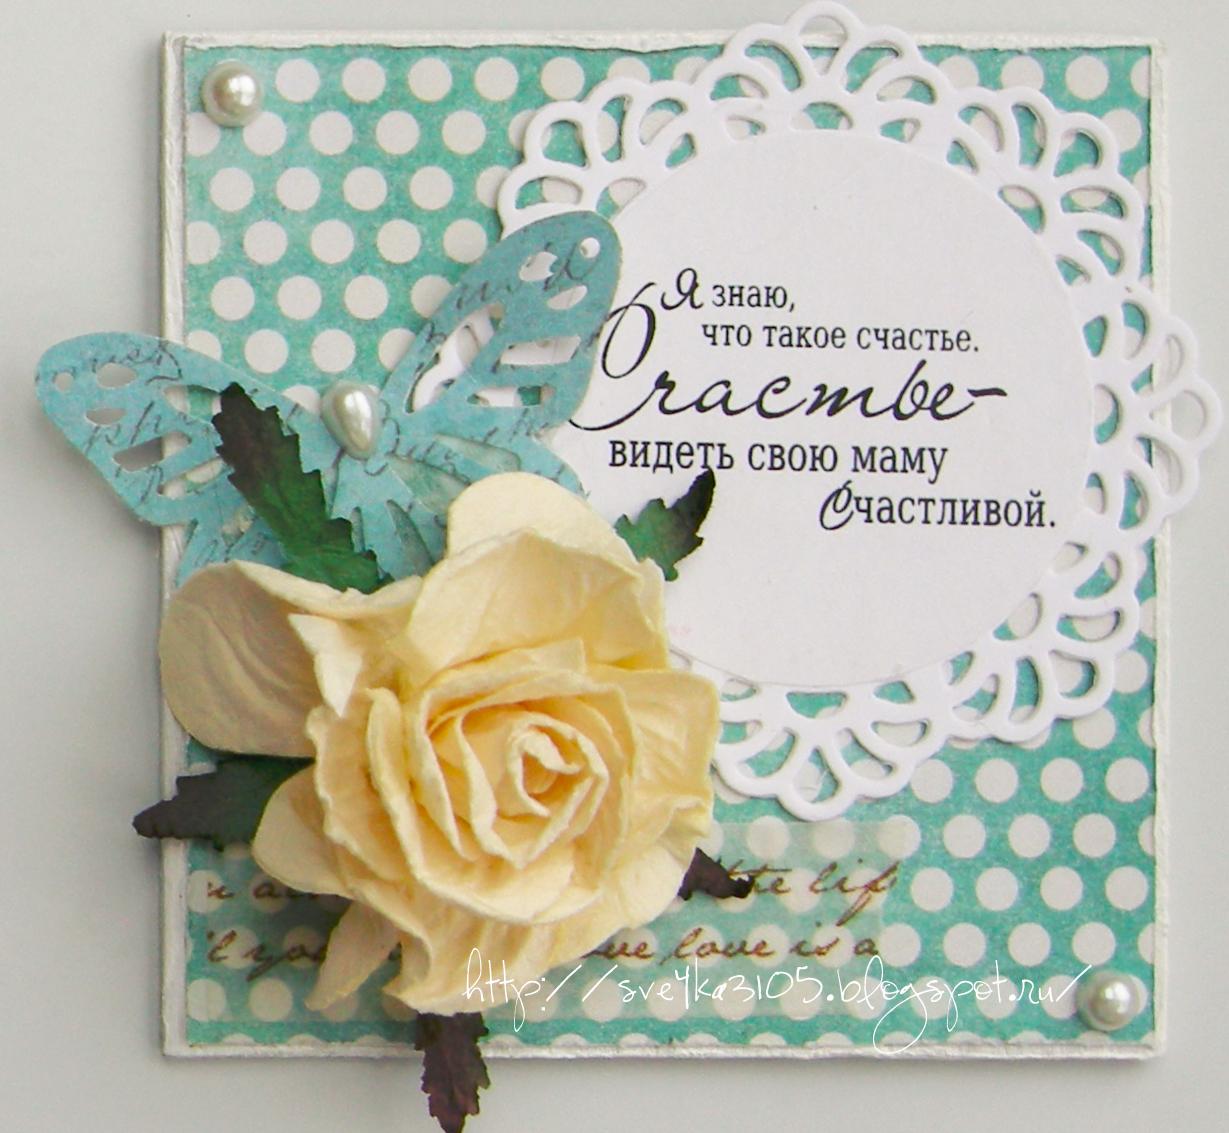 Как красиво подписать открытку на день рождения маме от сына